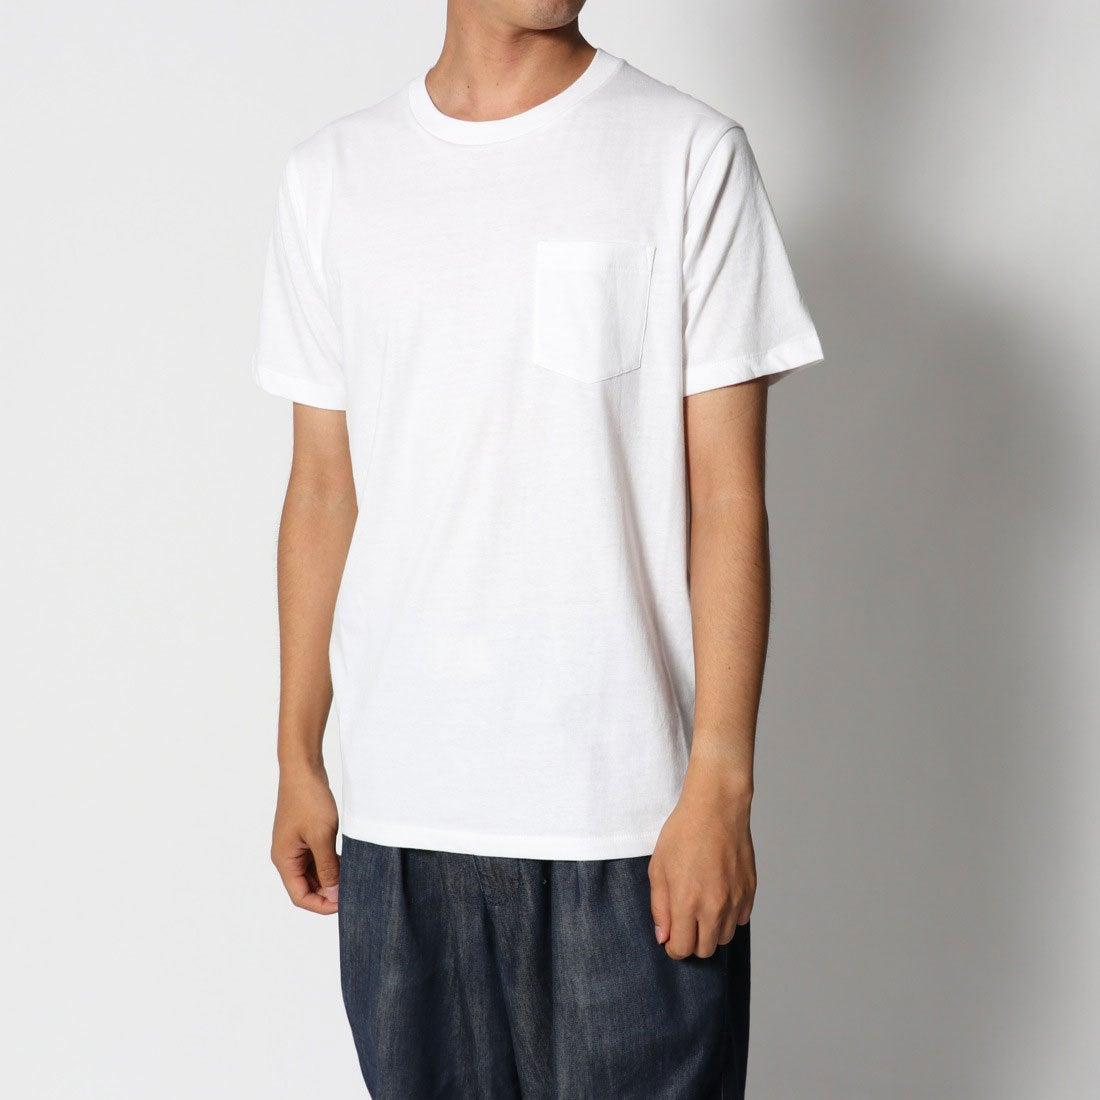 ロコンド 靴とファッションの通販サイトリネーム Rename ポケット付きTシャツ (ホワイト)